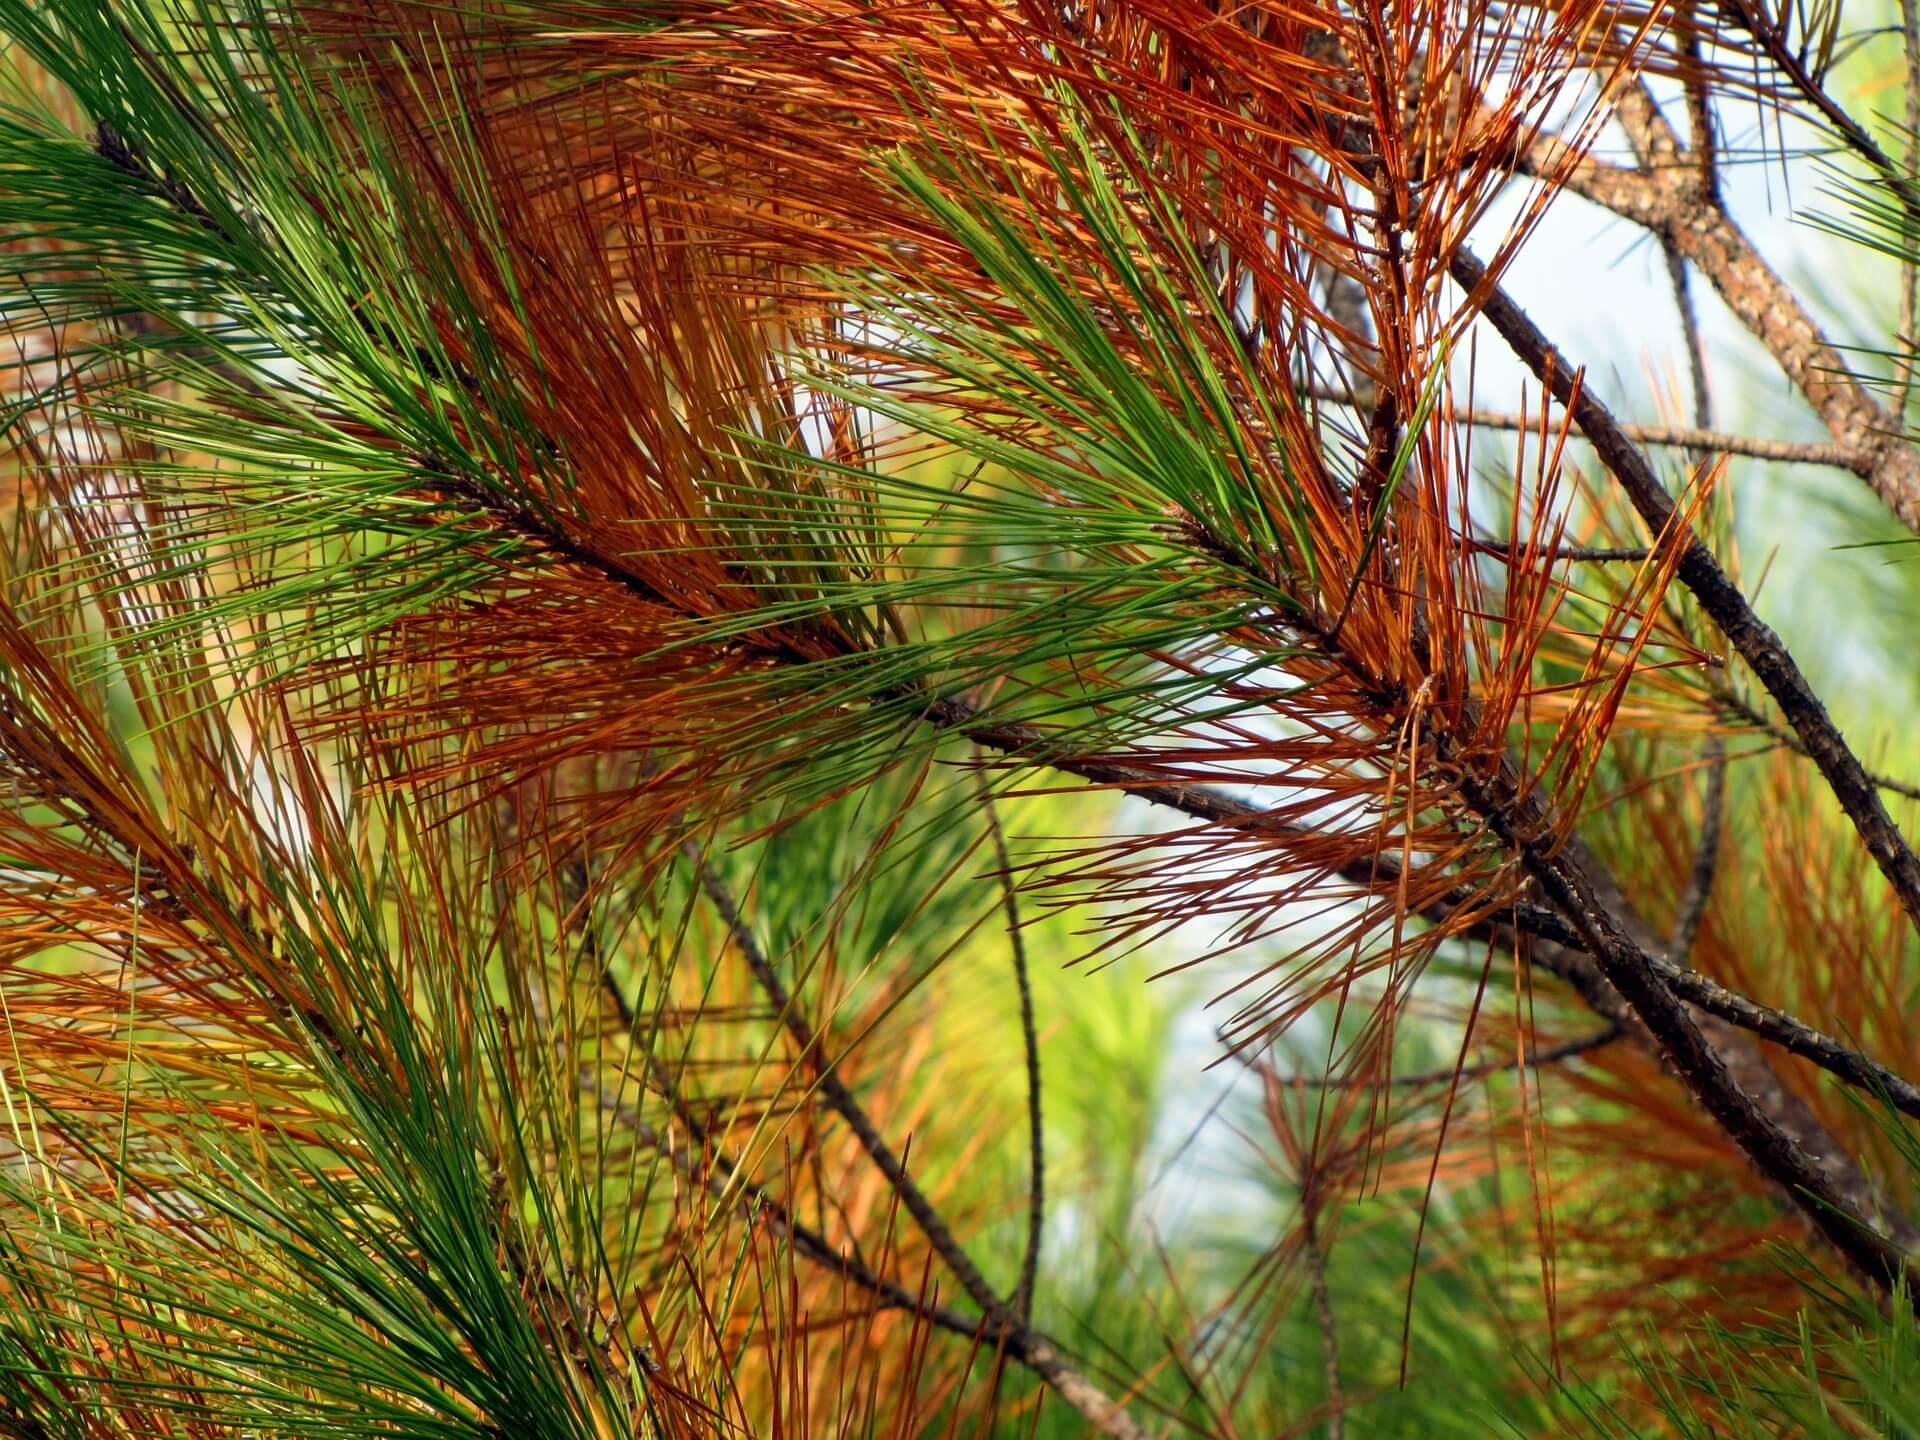 Los pinos vascos se tiñen de marrón por hongos